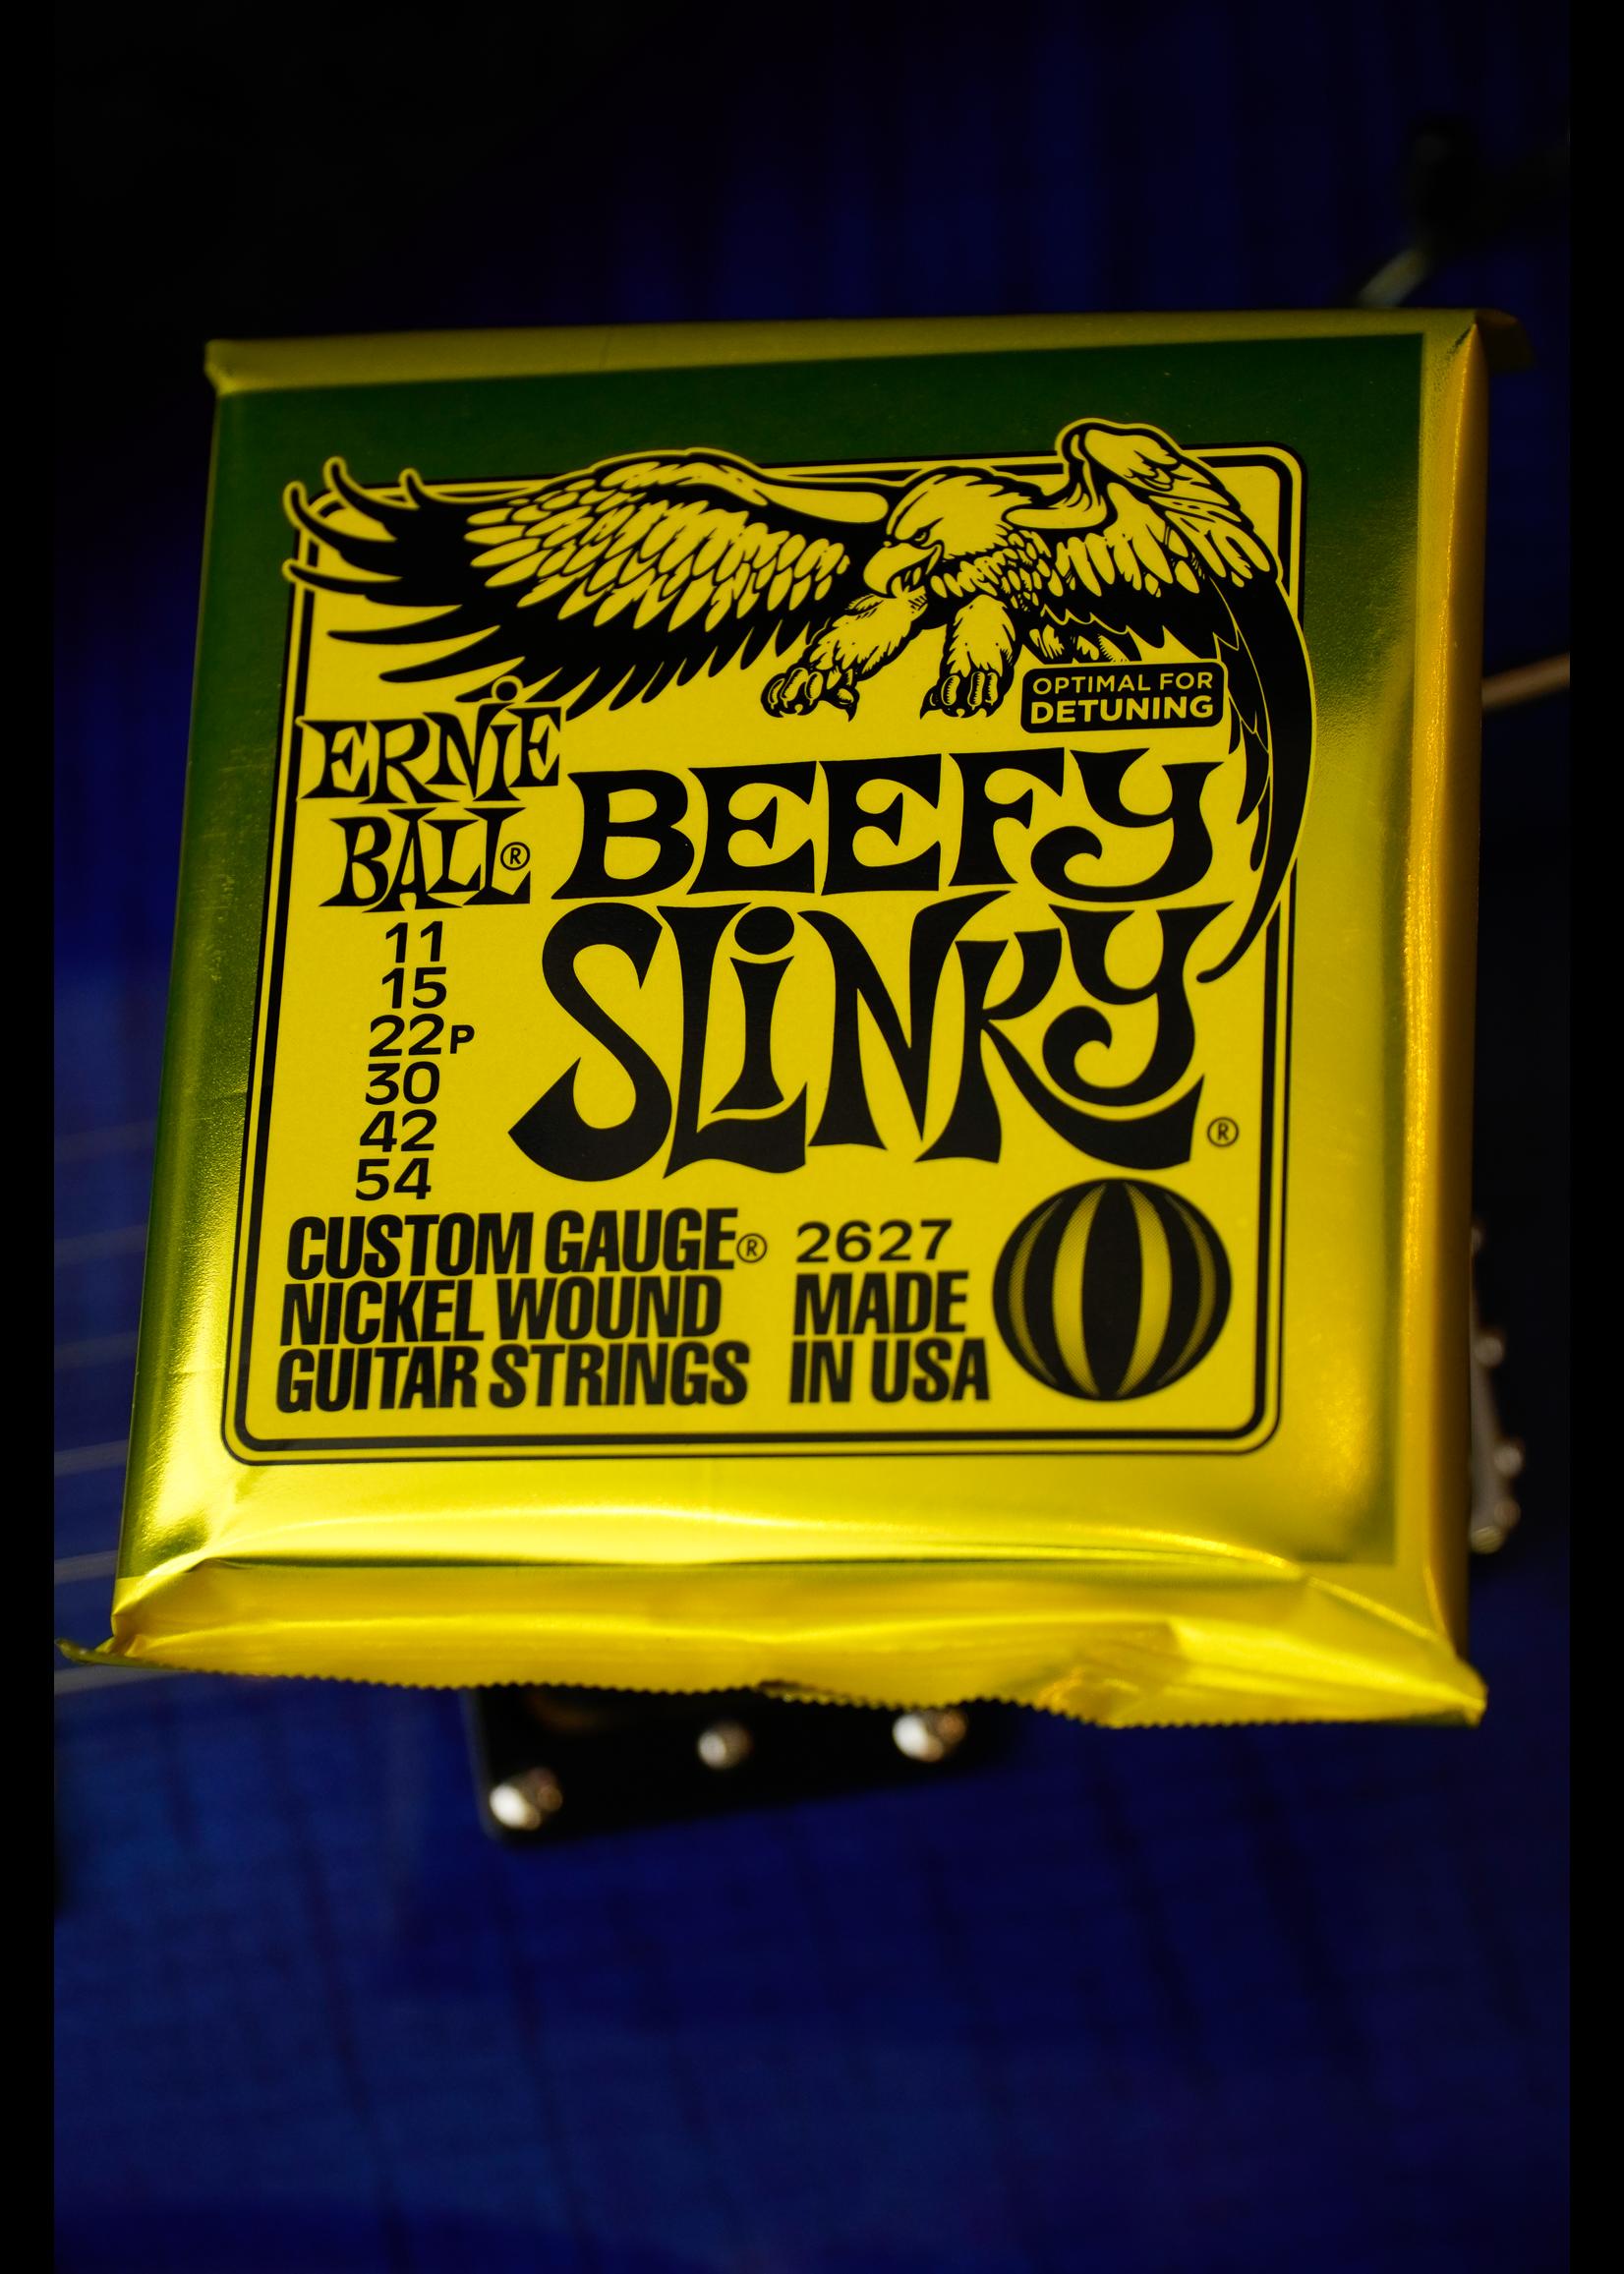 ernie ball Ernie Ball Beefy Slinky Nickel Wound Electric Guitar Strings - 11-54 Gauge